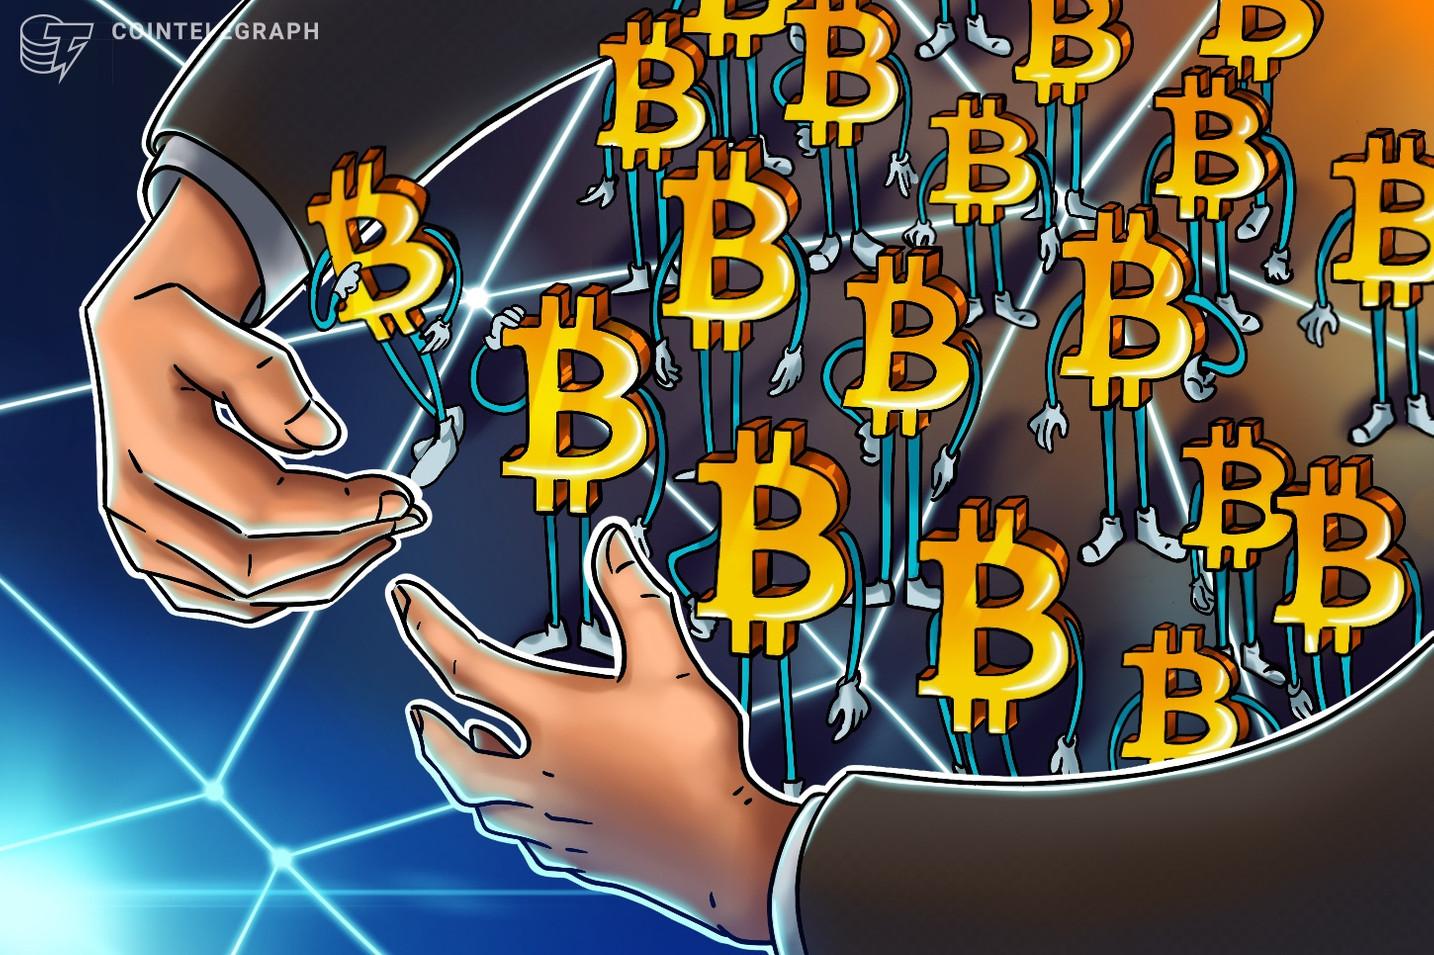 Erfolgreiches Q1 – Grayscale hält jetzt 1,7 % der bestehenden Umlaufmenge von Bitcoin